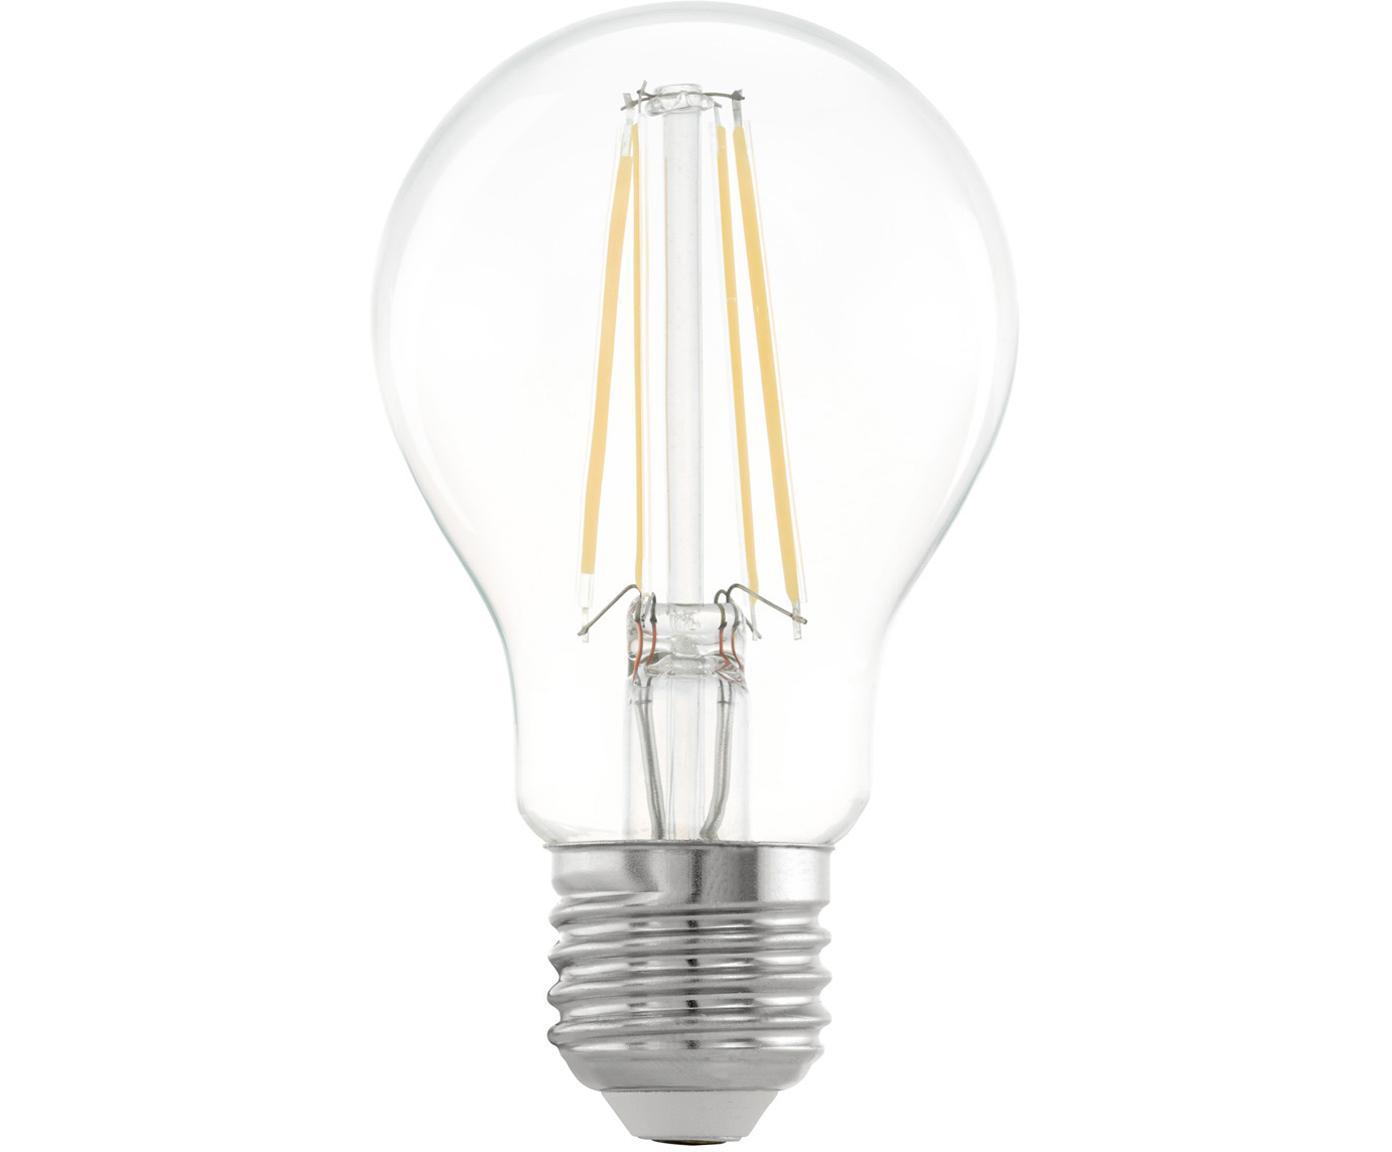 Bombillas LED Cord (E27/6W),5uds., Ampolla: vidrio, Casquillo: aluminio, Transparente, Ø 6 x Al 10 cm